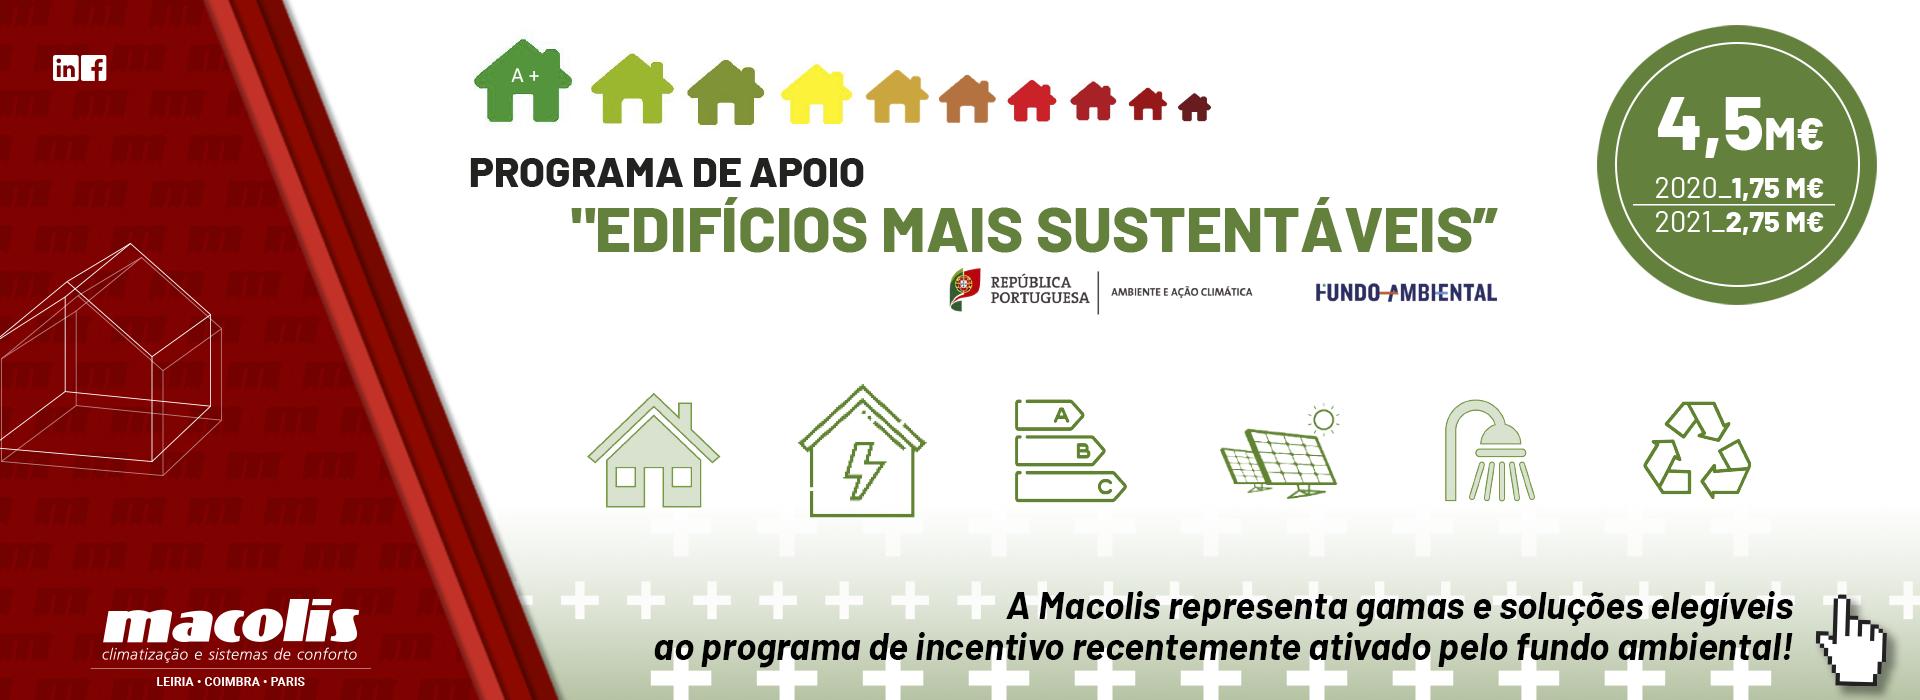 """Programa de Incentivo """"EDIFÍCIOS MAIS SUSTENTÁVEIS"""""""